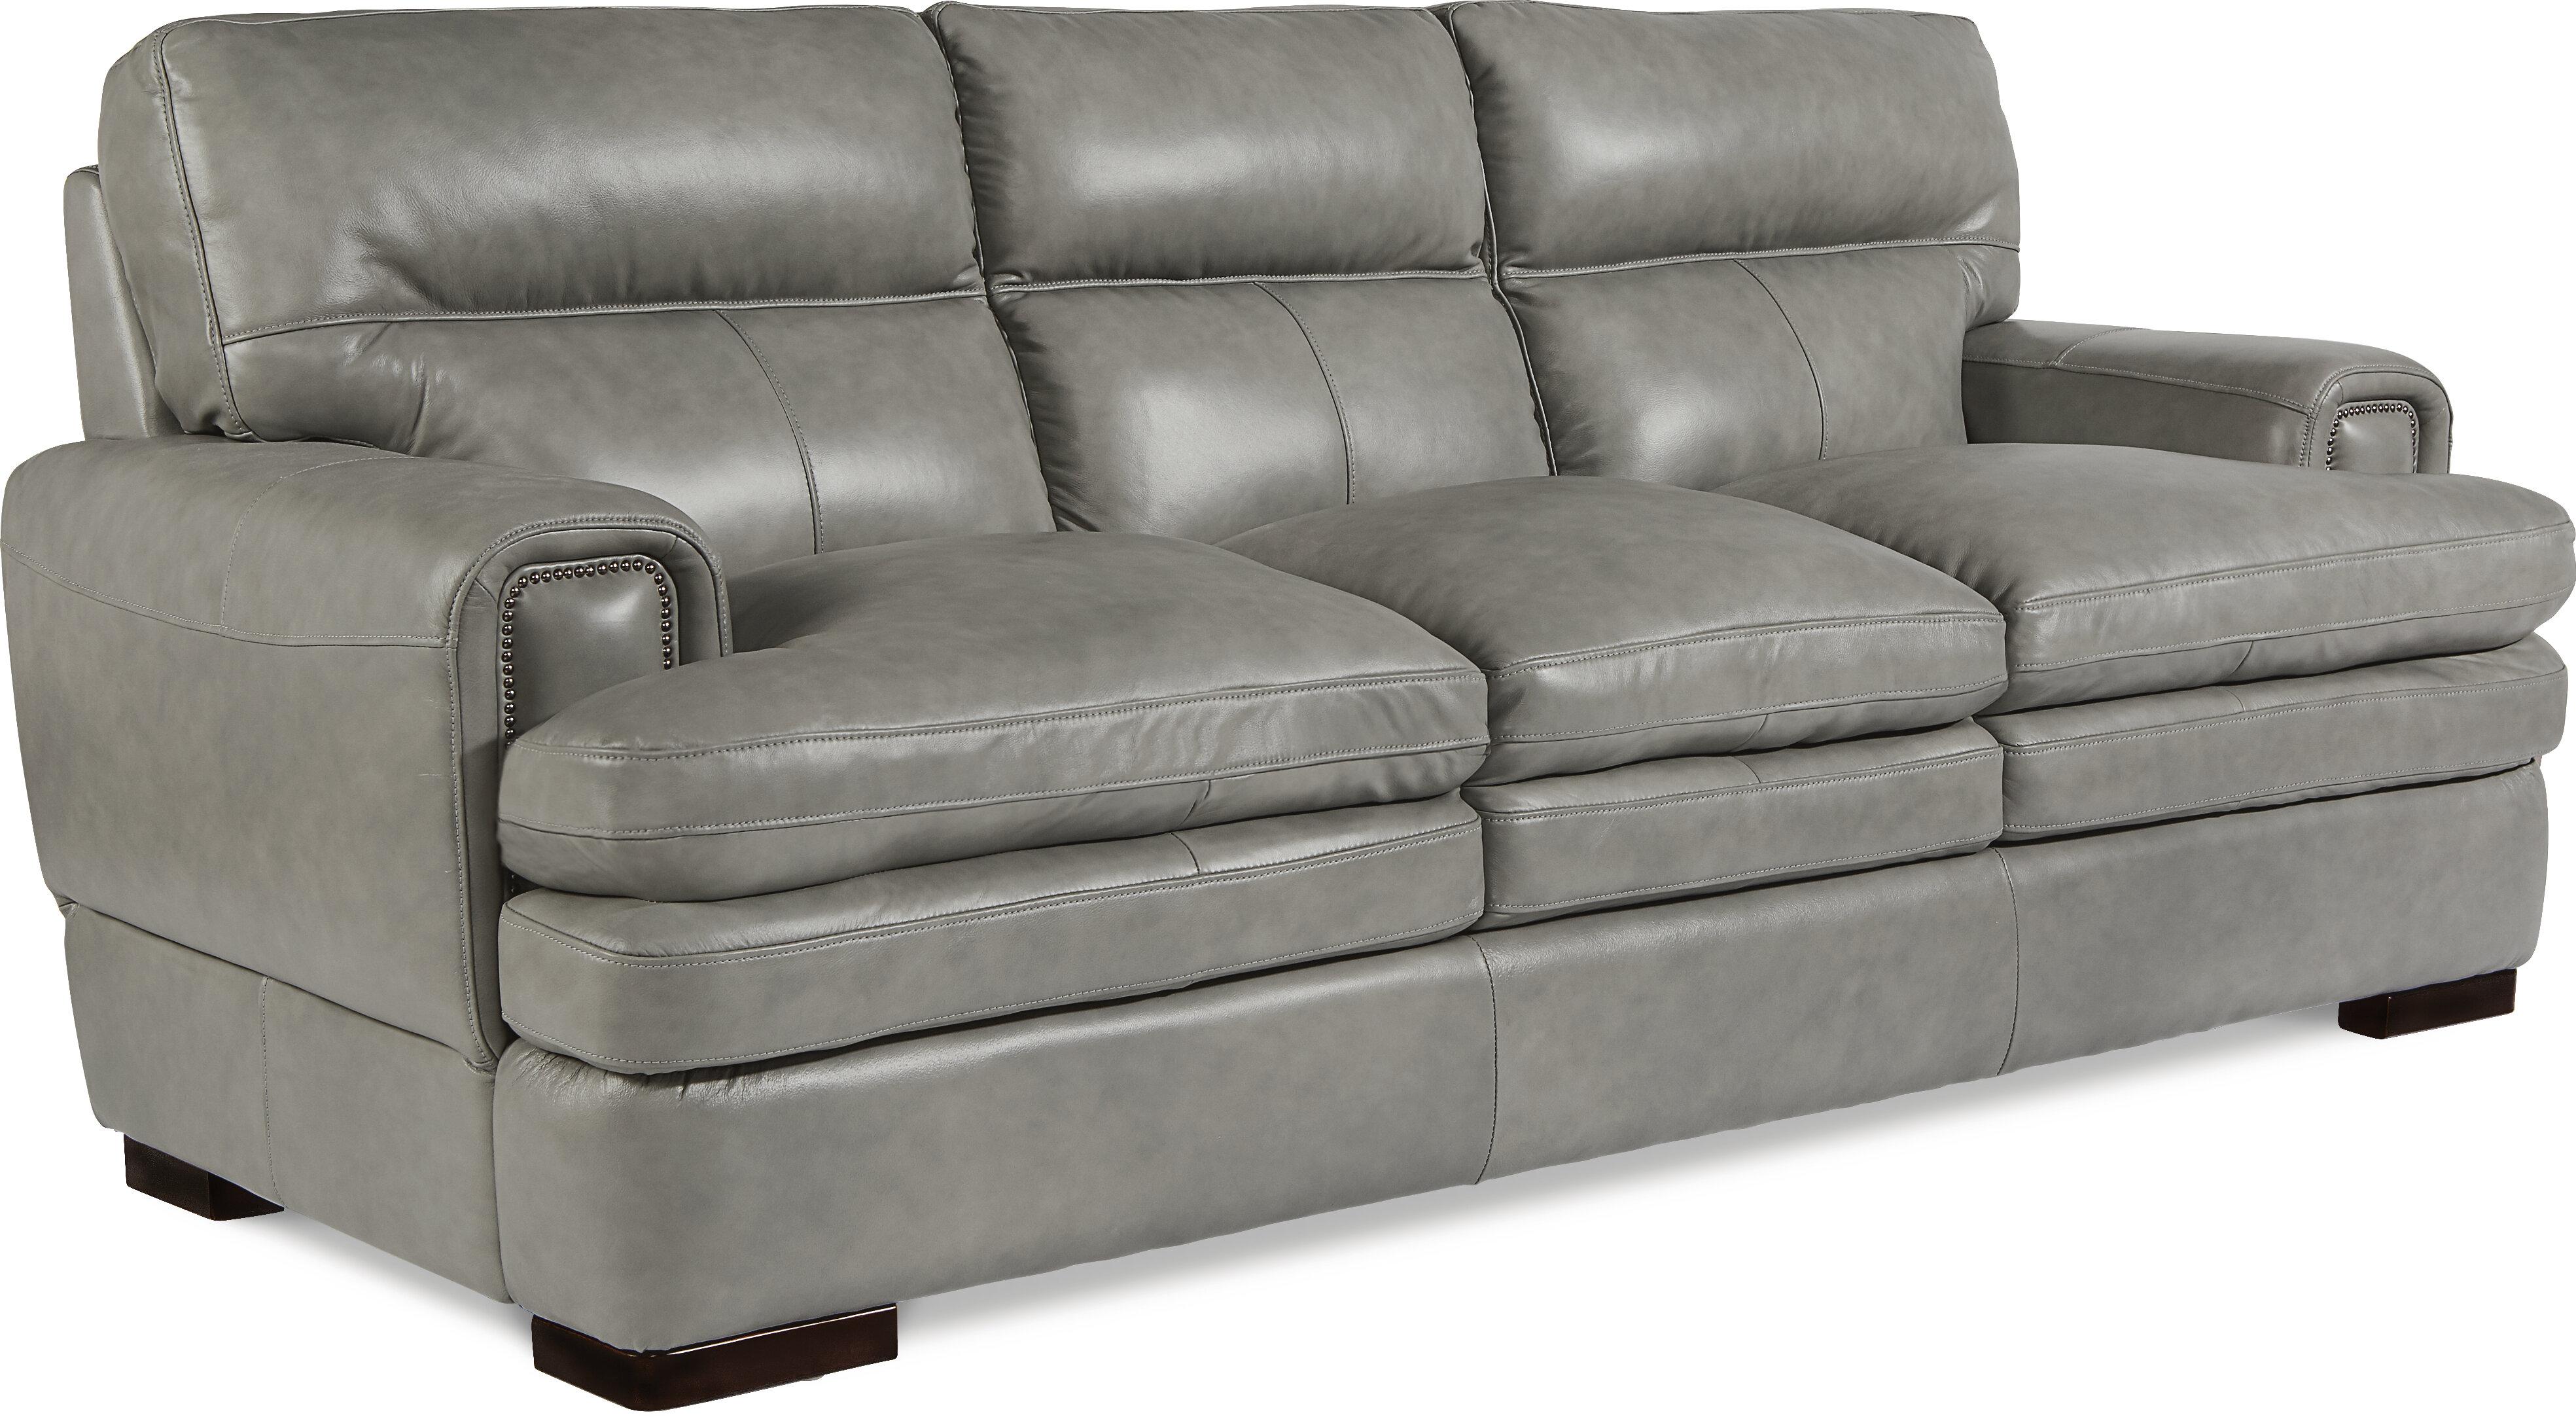 La Z Boy Jake Leather Sofa U0026 Reviews   Wayfair